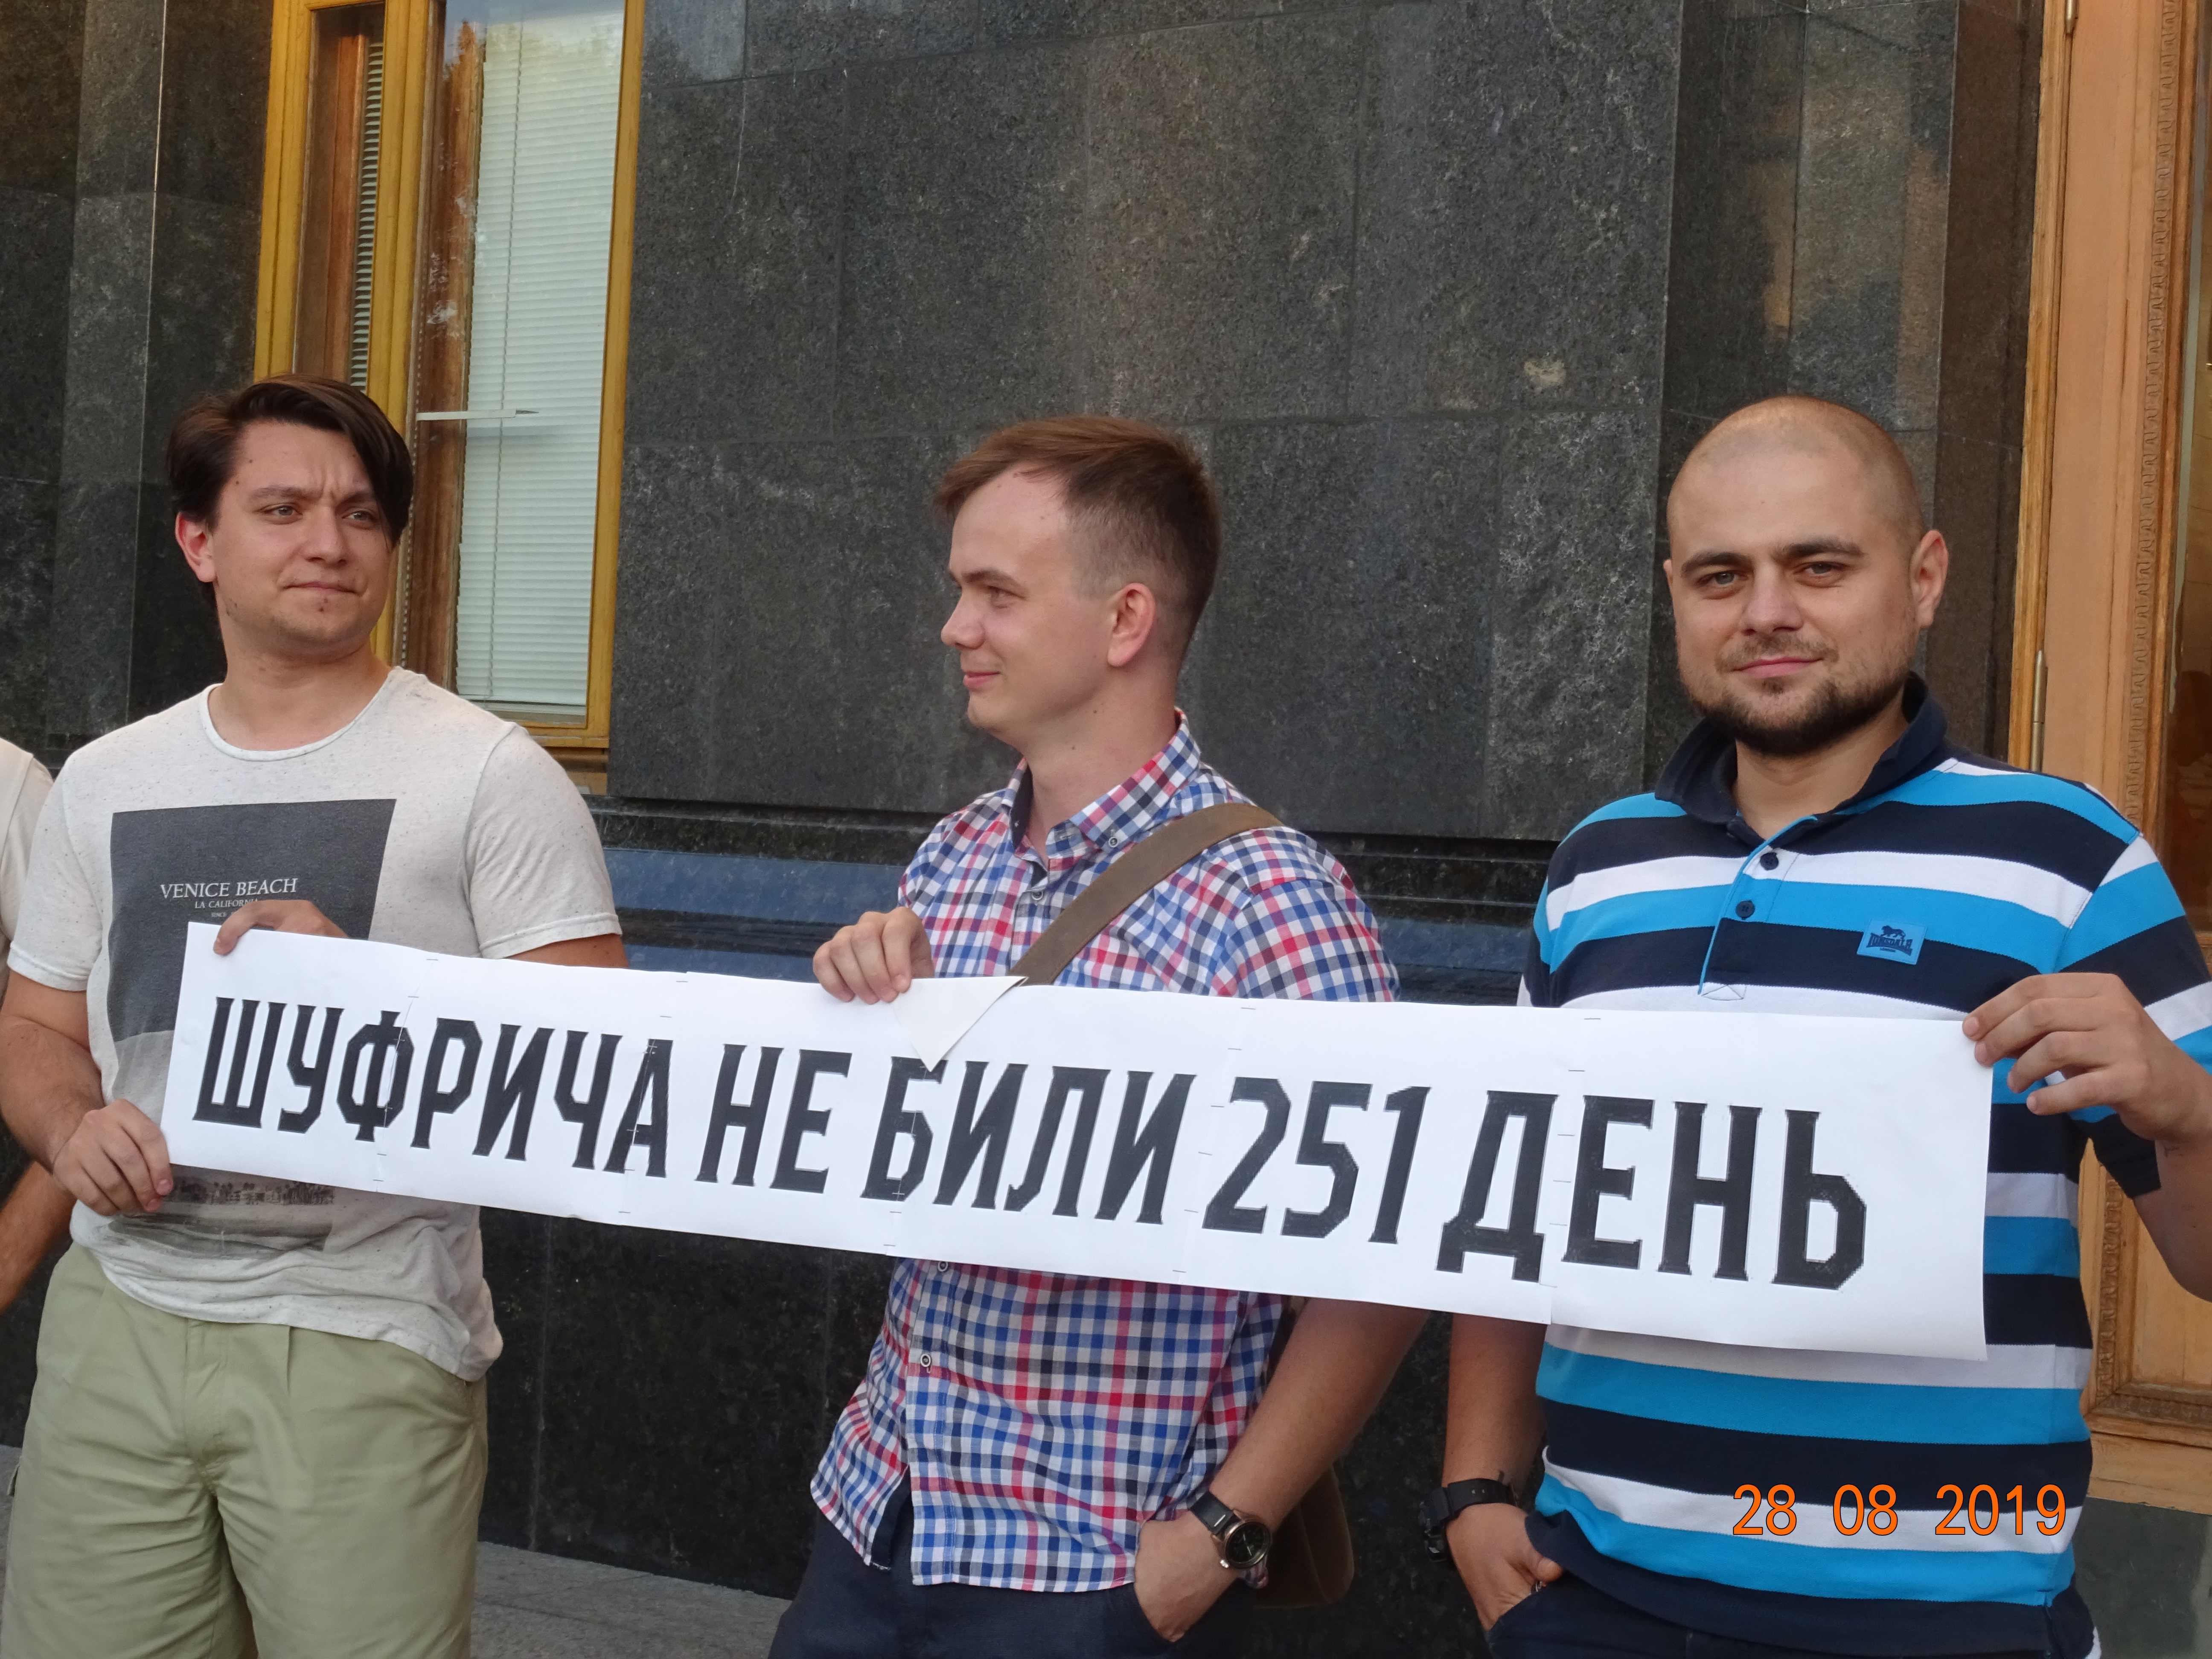 Avakov-Chort-Devil - Avakov-Chort-Devil-image002.jpg